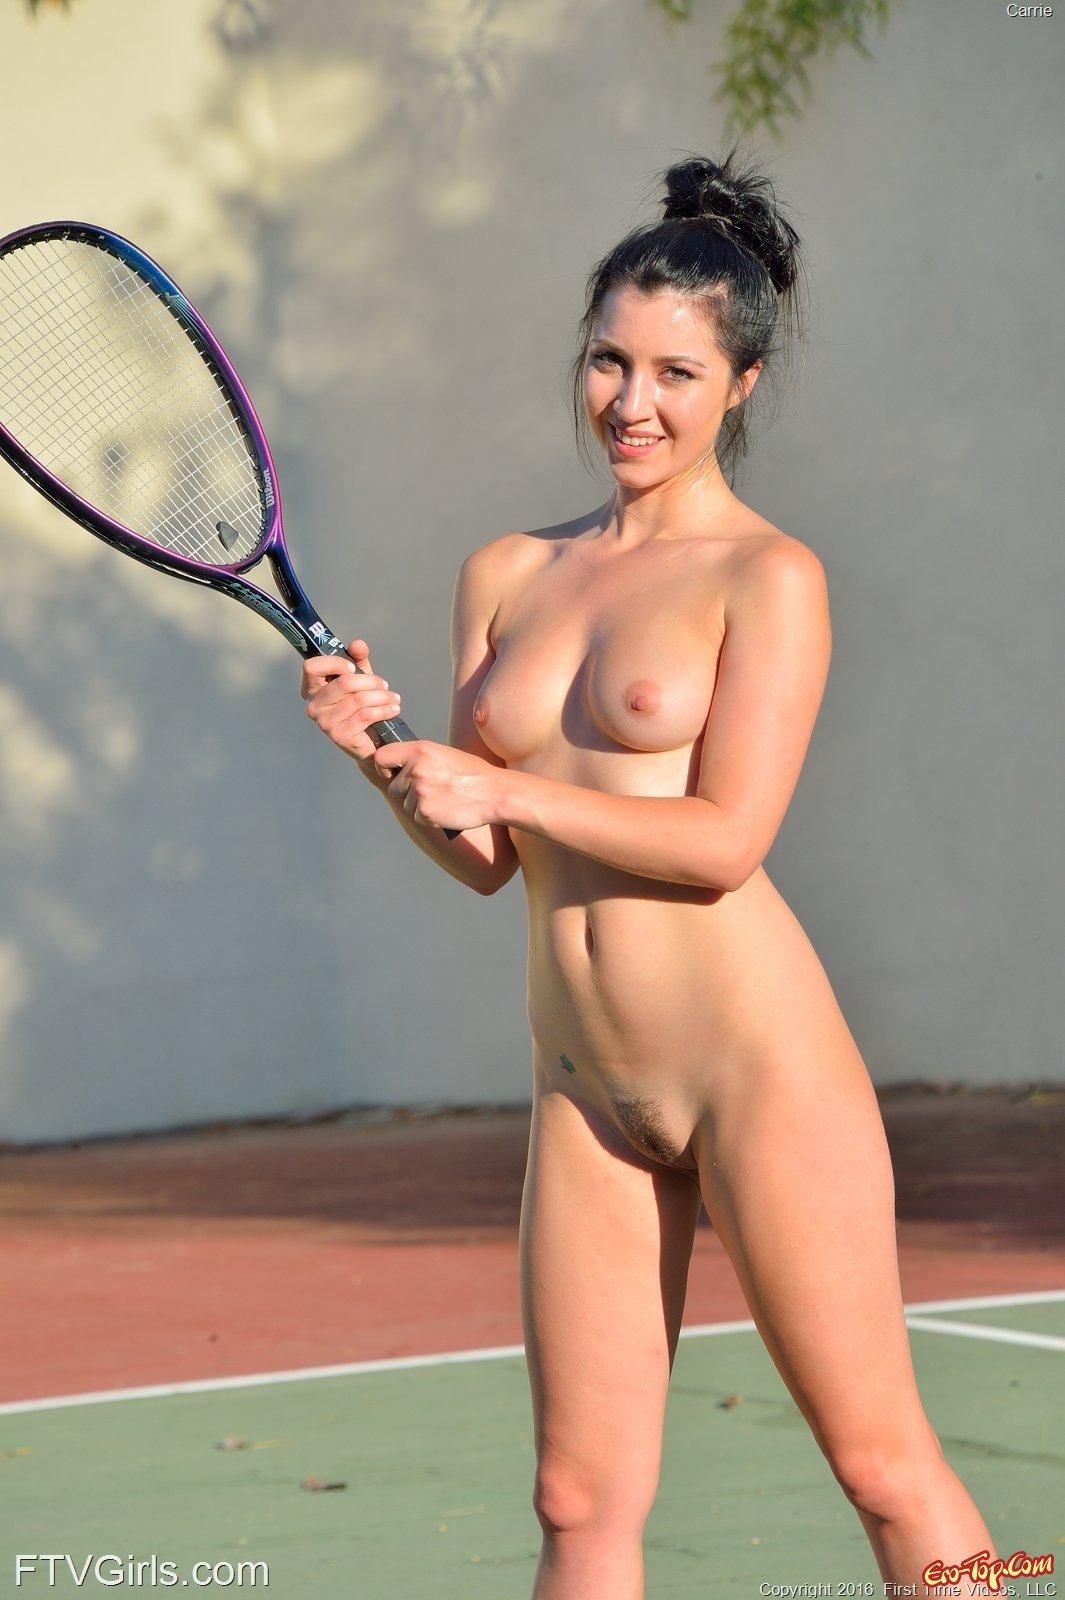 Голые теннисистки без трусиков, как танцуют голые телки